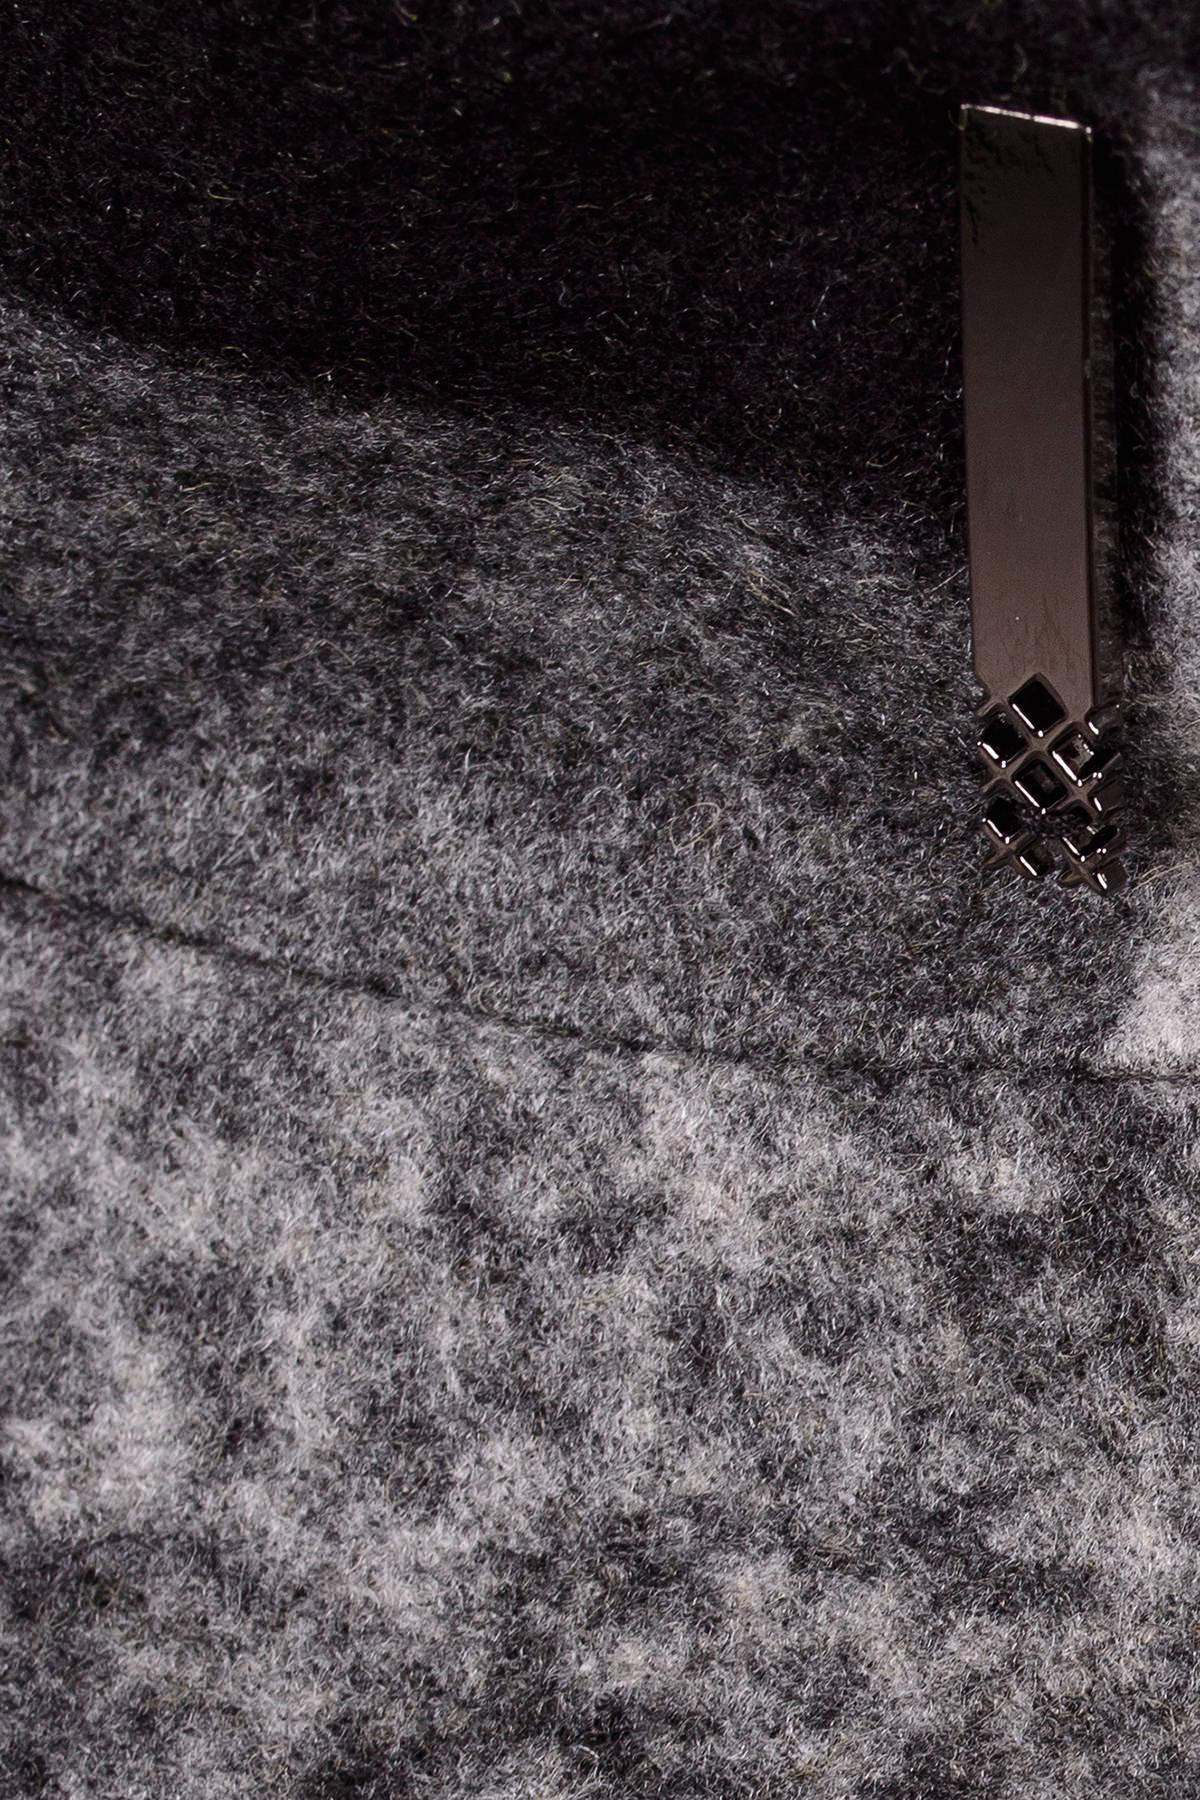 Пальто зима Фортуна 0877 АРТ. 8061 Цвет: Черный/серый буквы Д5/С1 - фото 5, интернет магазин tm-modus.ru